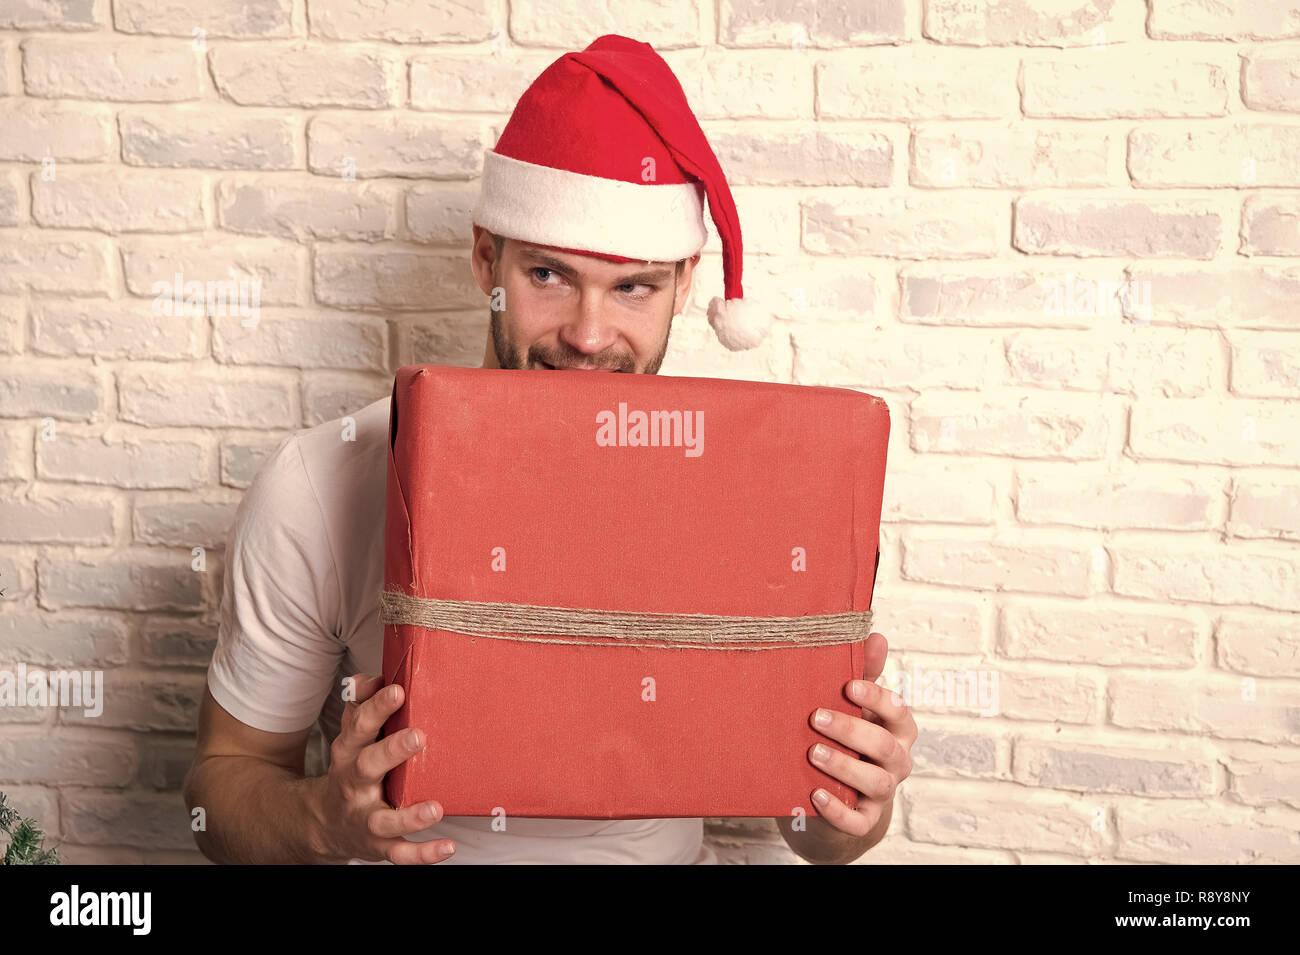 Uomo con astuzia faccia in santa hat tenere rosso avvolto regalo di natale Scatola bianca su un muro di mattoni. Dare Del Regalo e scambio. Boxing day concetto. Immagini Stock